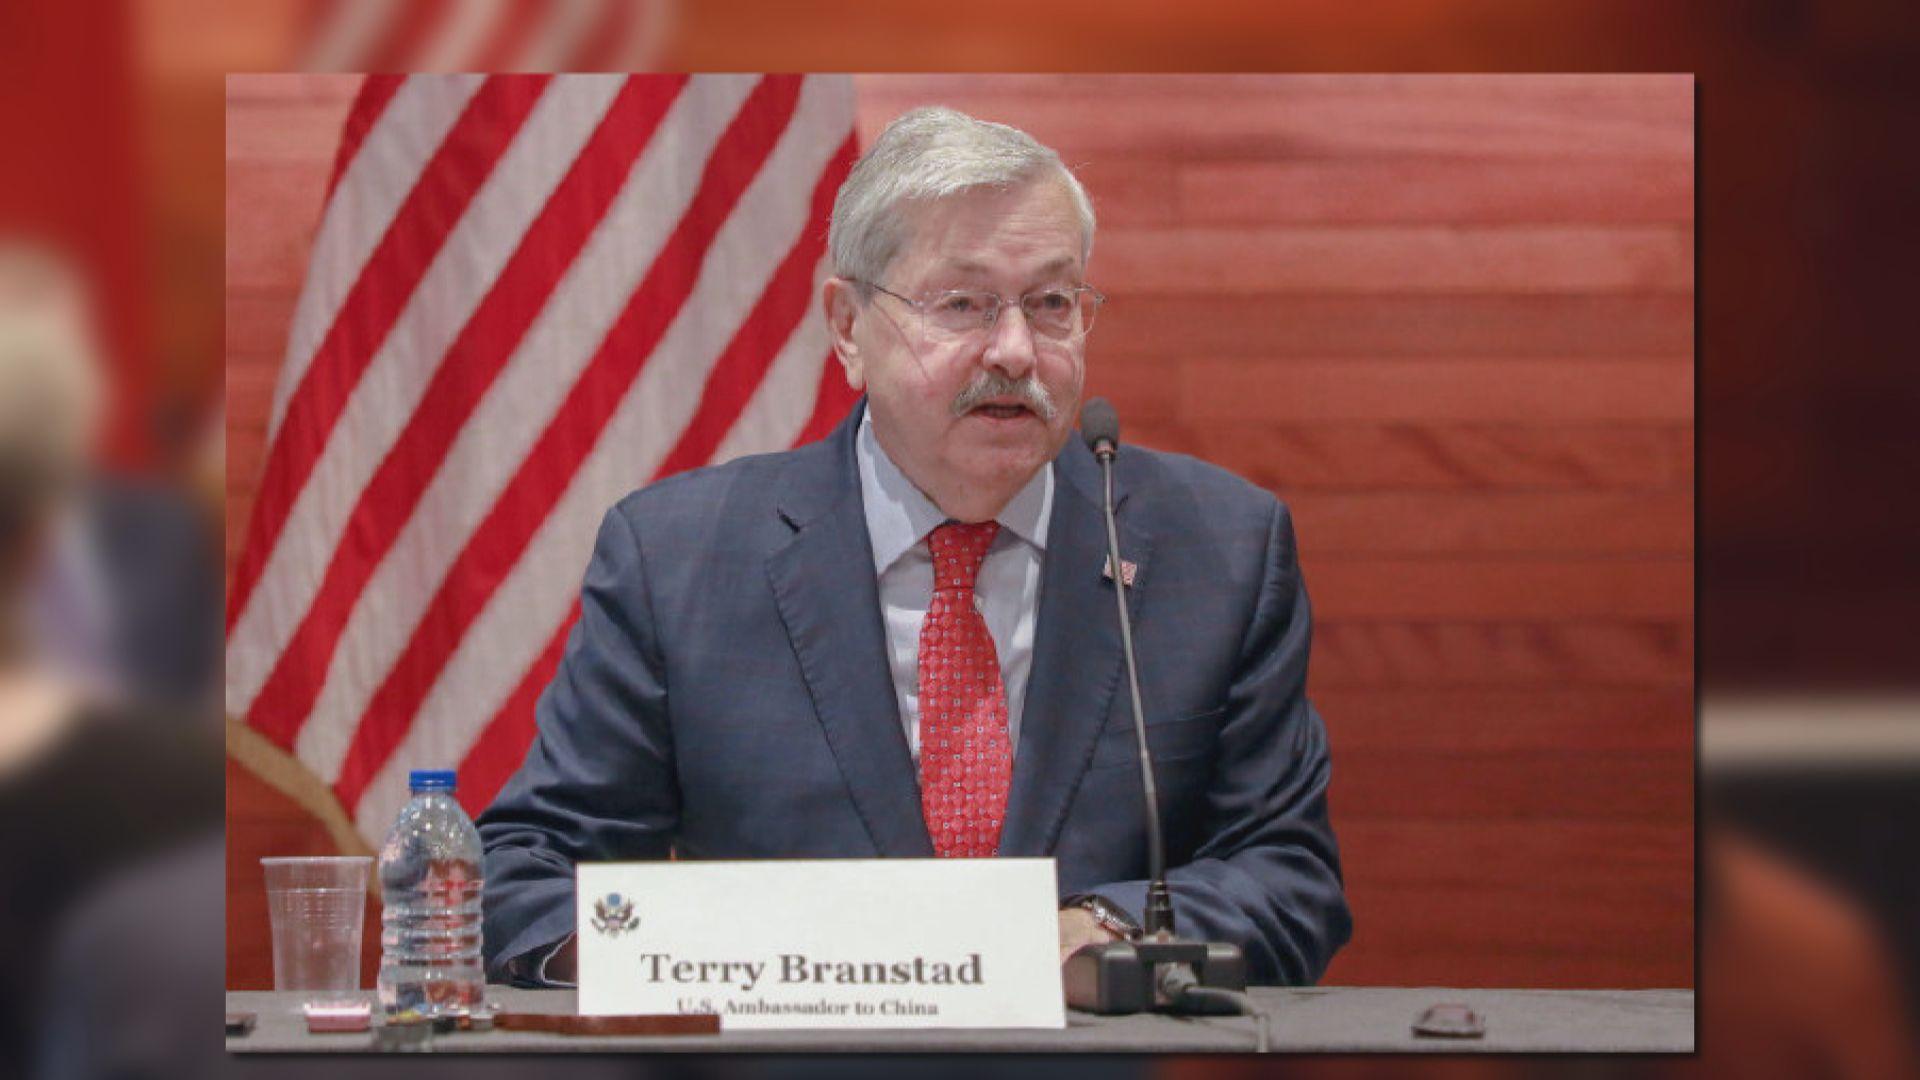 美國駐華大使布蘭斯塔德稱美國不尋求圍堵中國